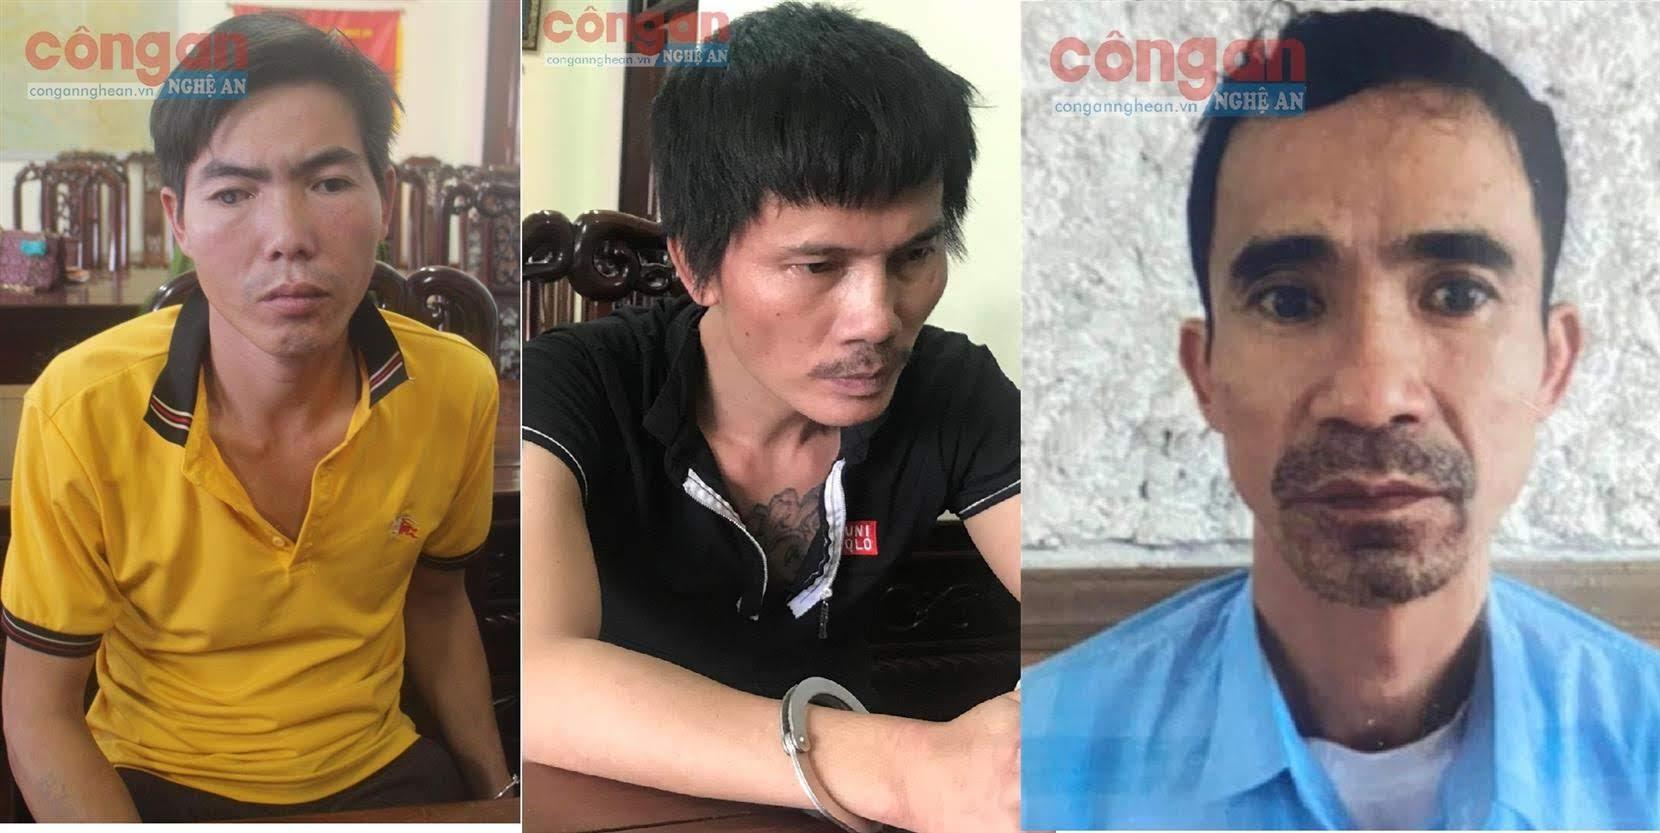 Các đối tượng Trần Khắc Bảy, Phan Văn Phiên và Nguyễn Cảnh Vinh